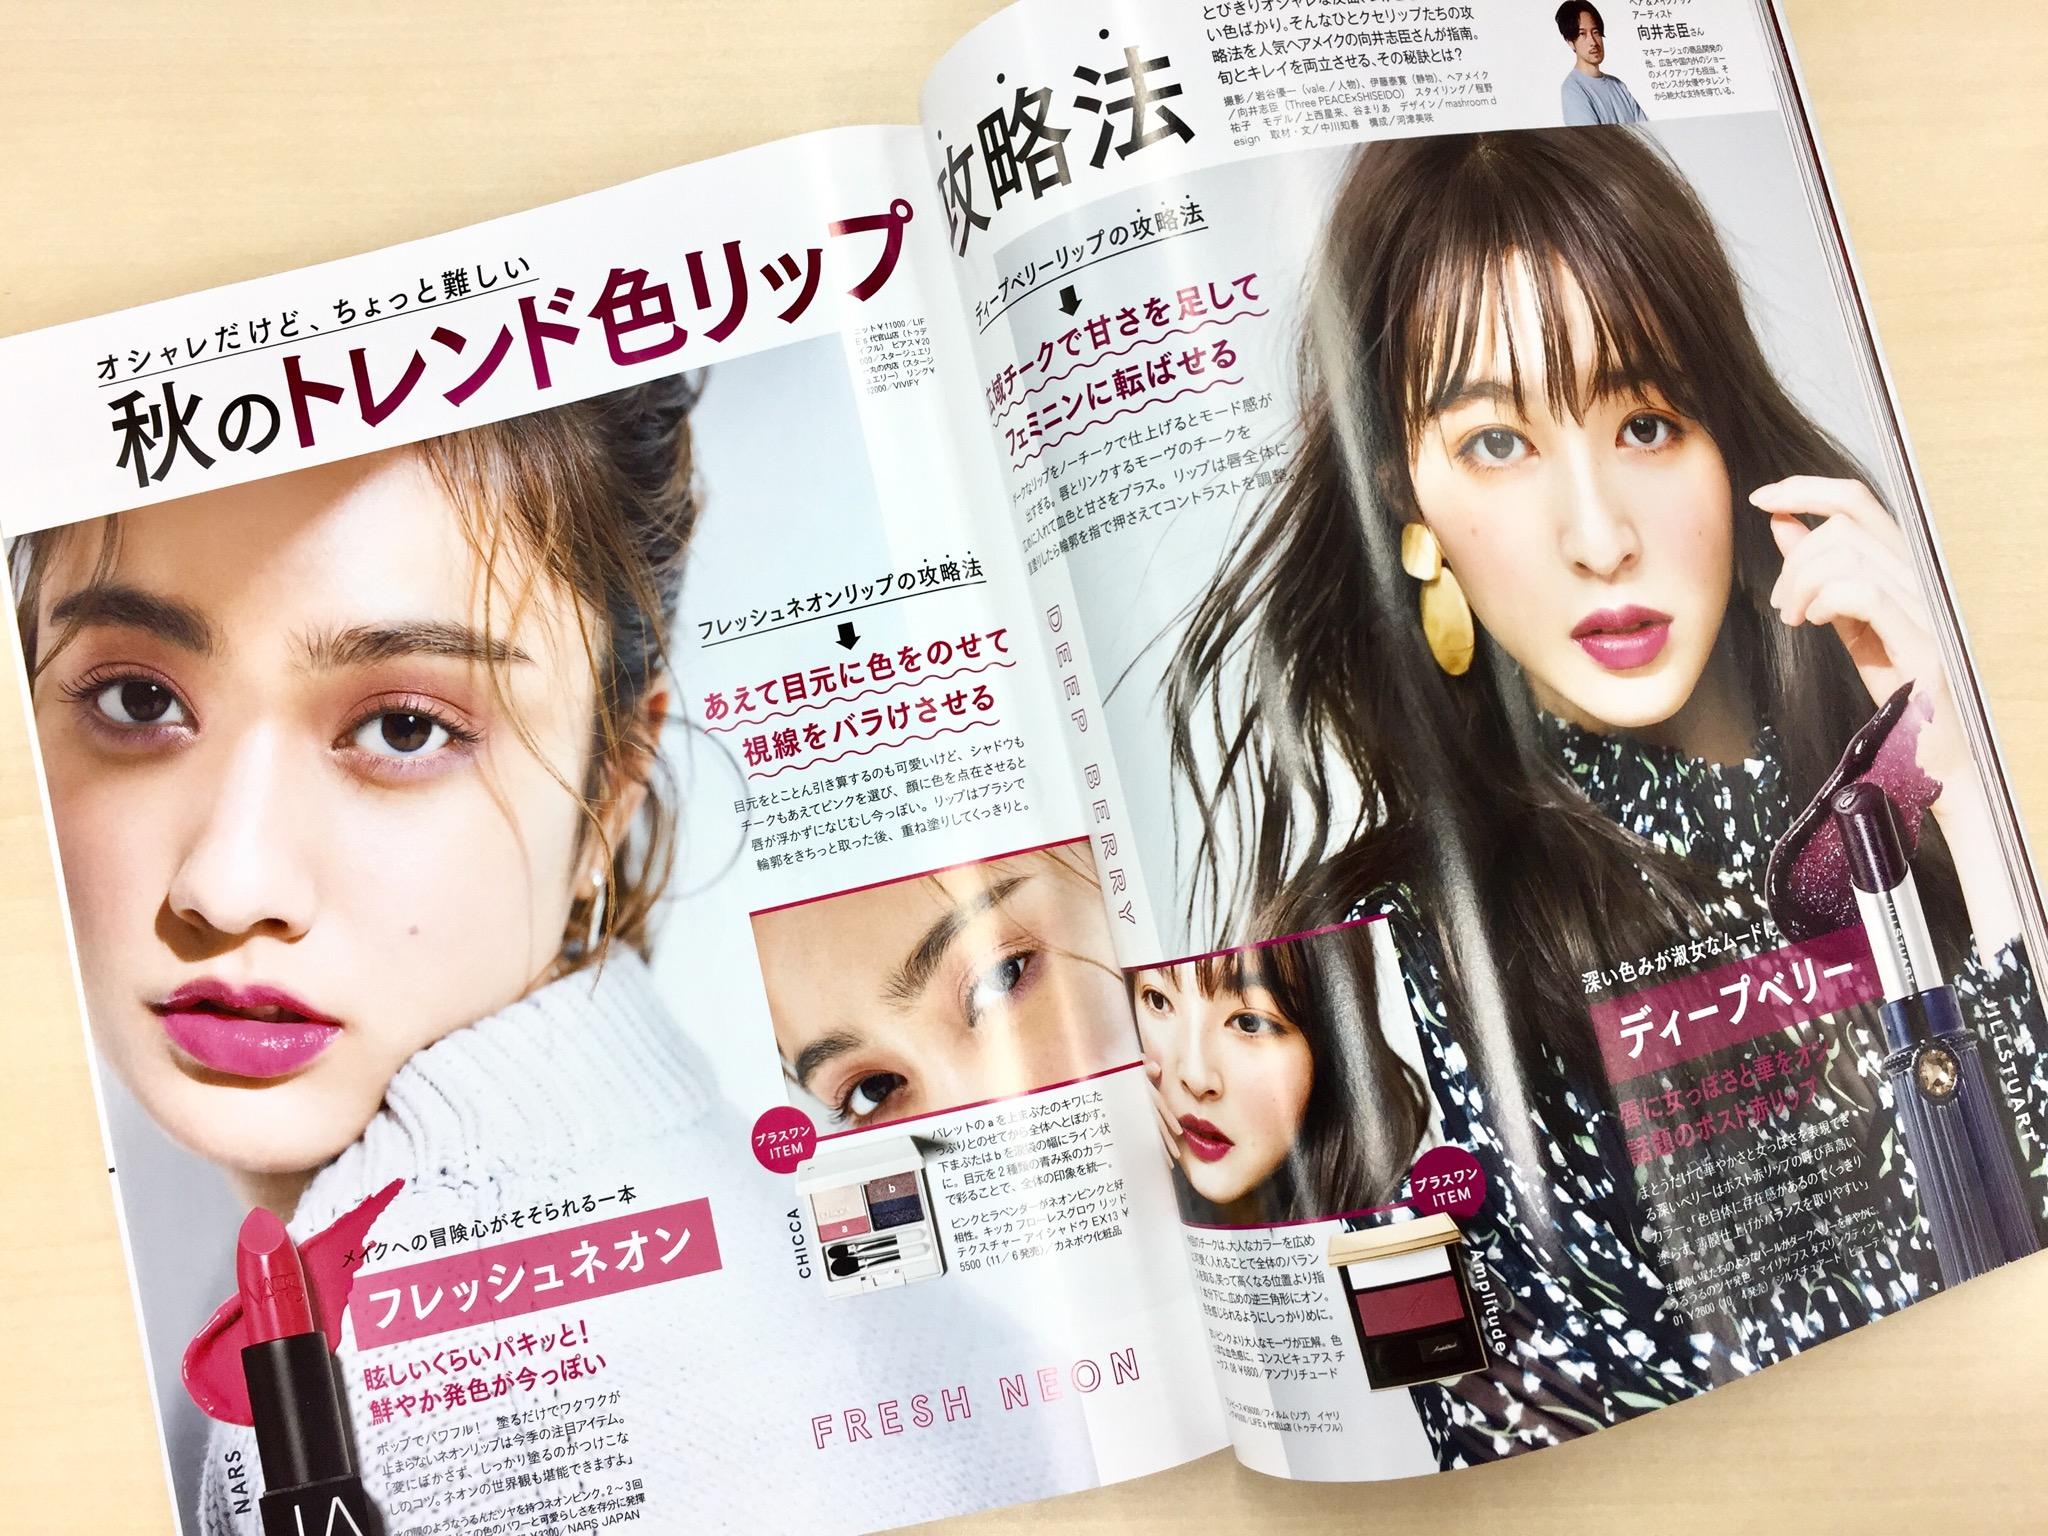 向井志臣が、VoCE11月号「秋のトレンド色リップ攻略法」で旬顔リップメイクを提案